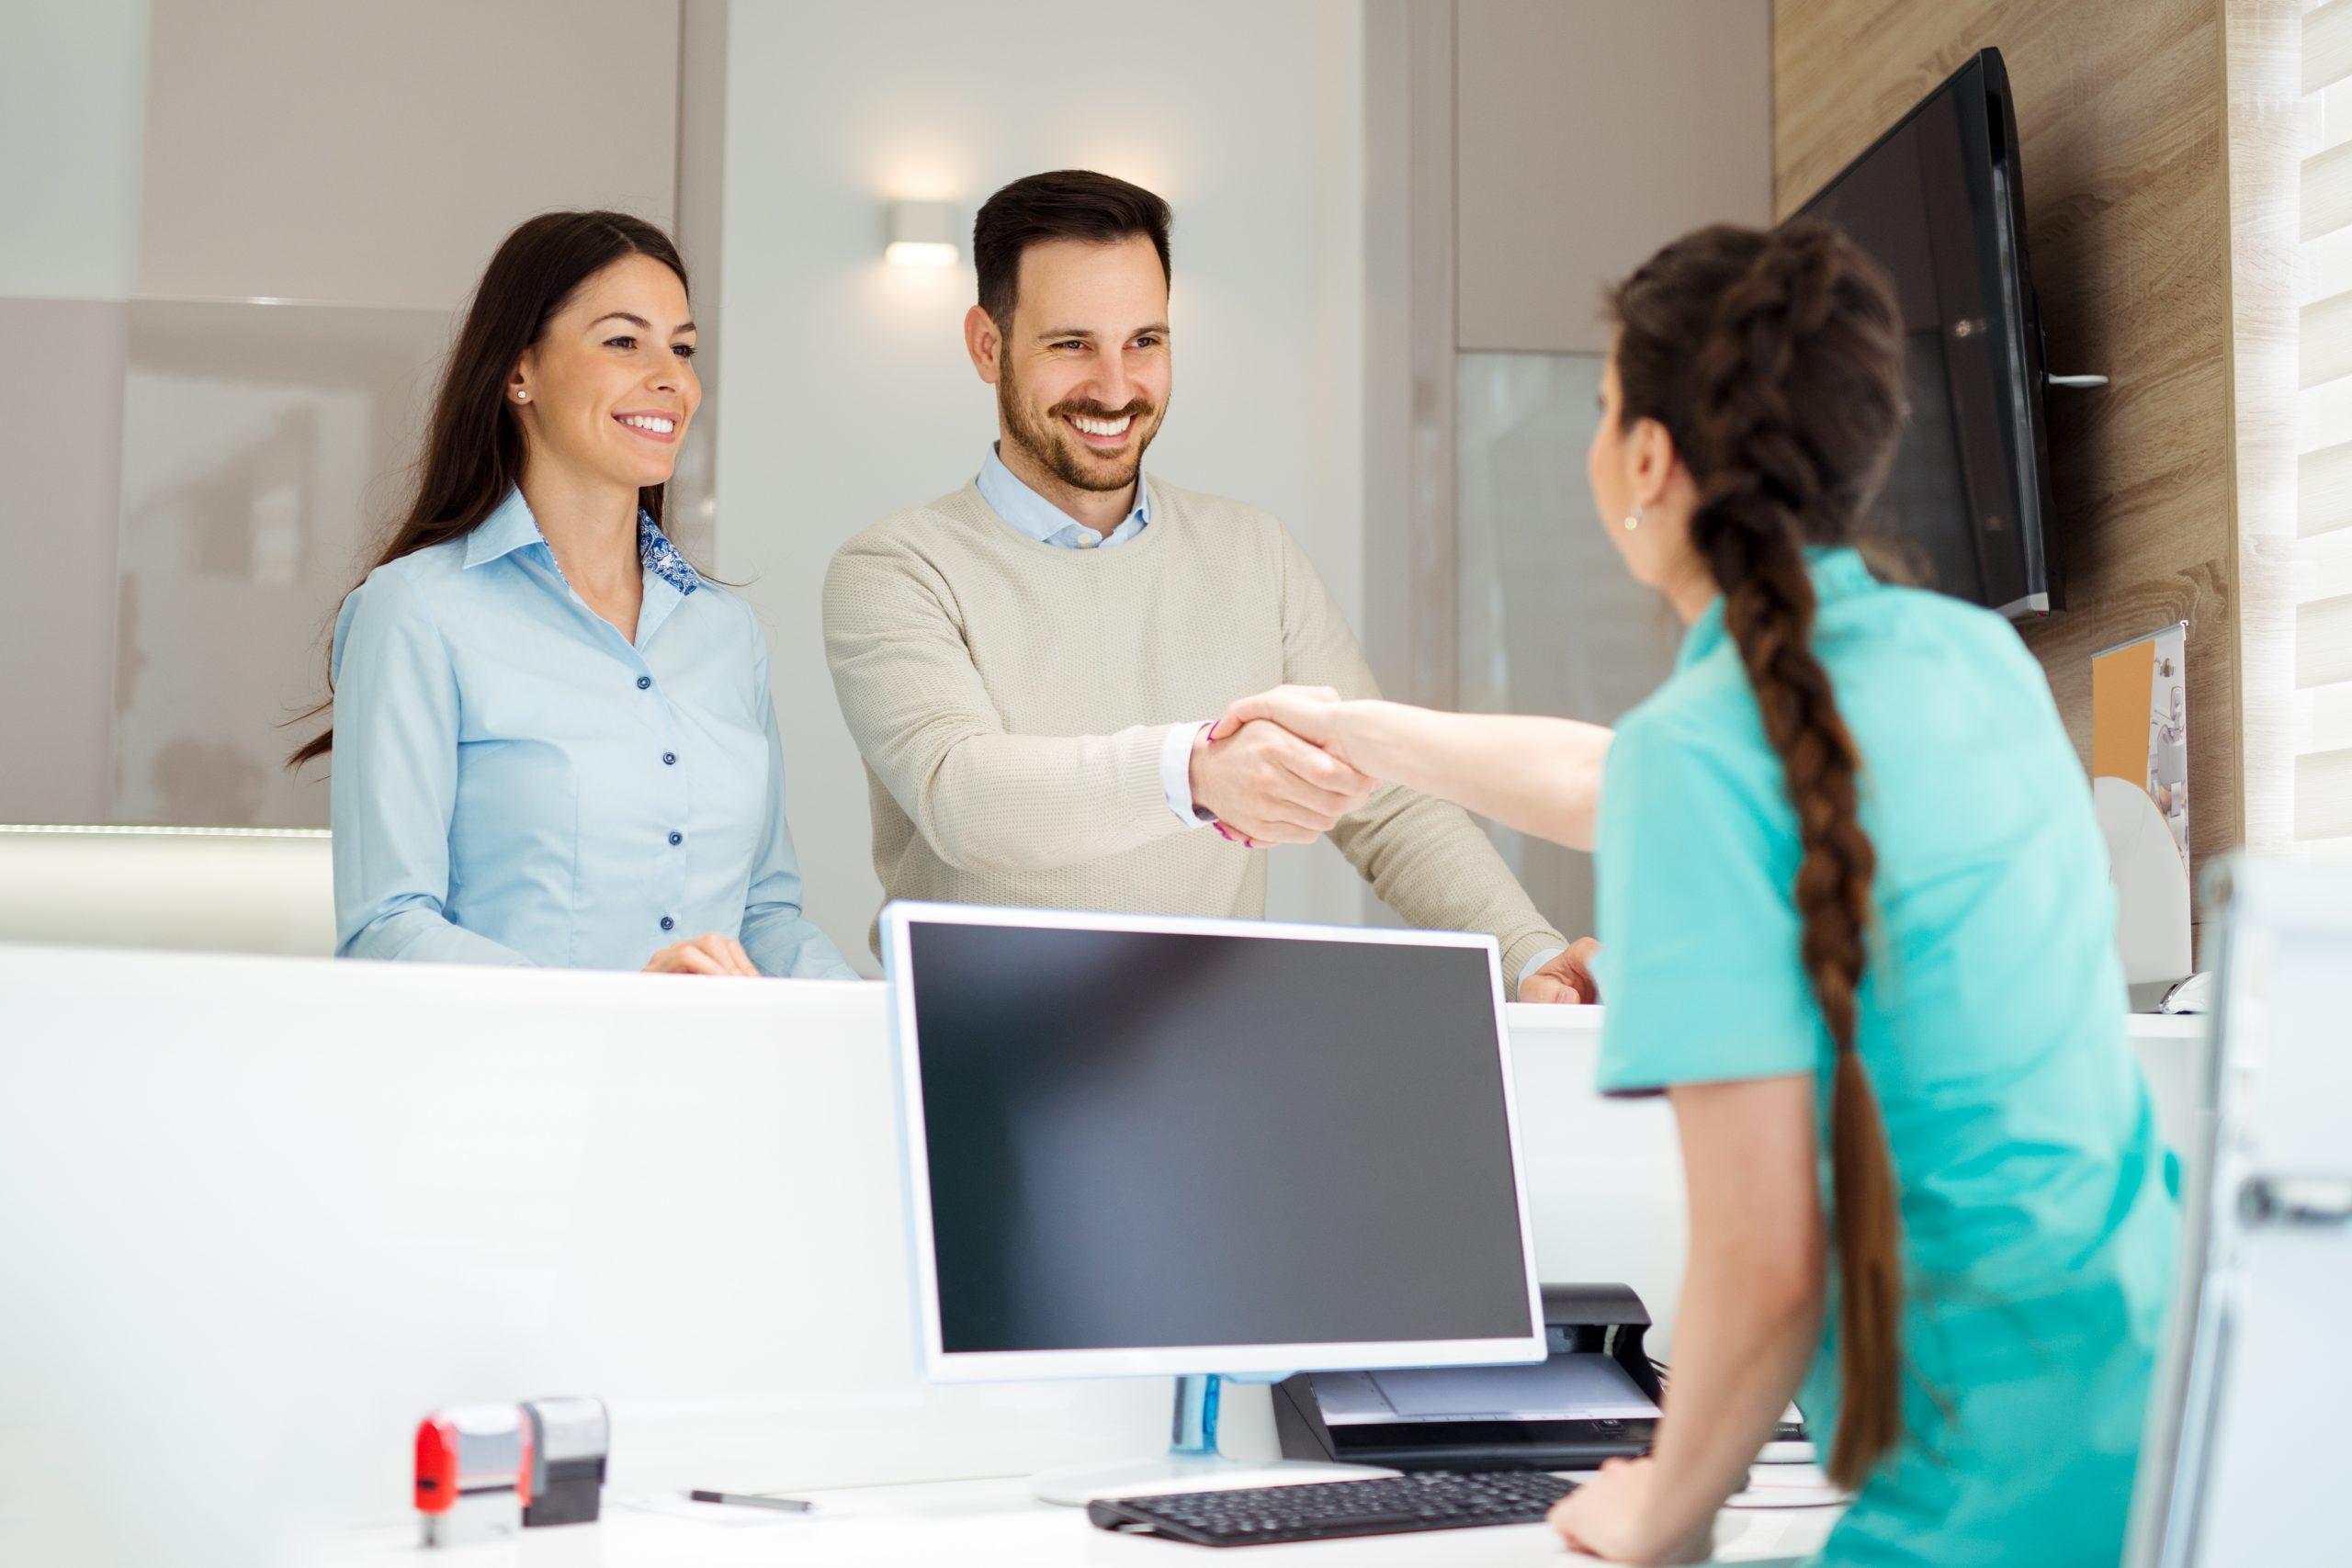 How to Gain Patients: Dental Practice Best Practices